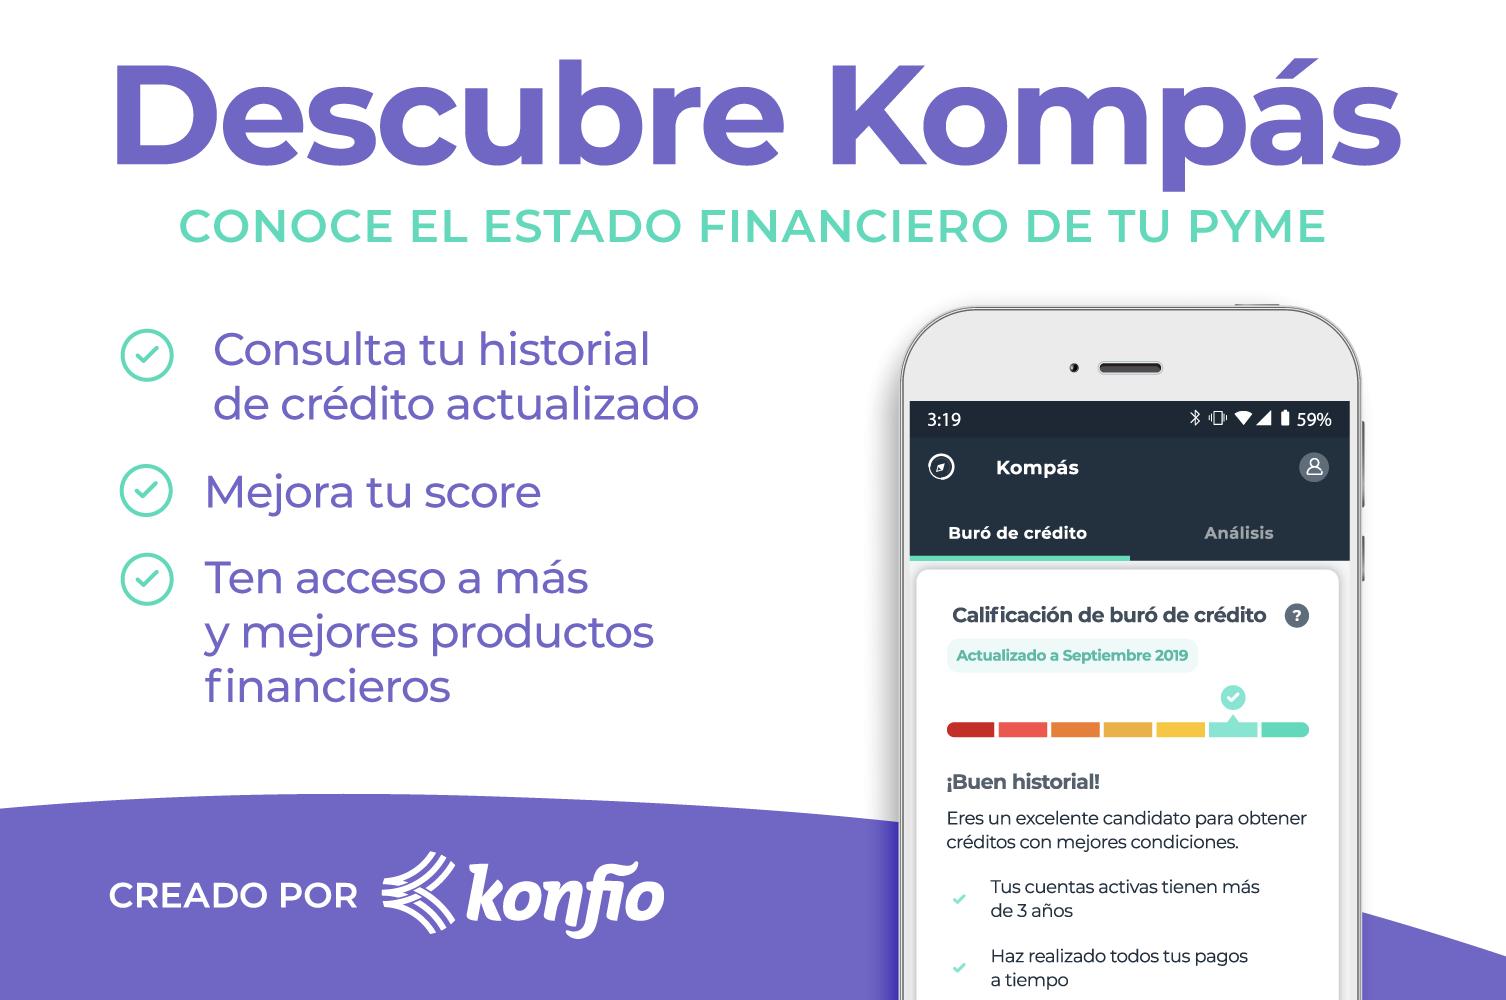 ¿Qué es Kompás? Herramienta para consultar gratis el buró de crédito